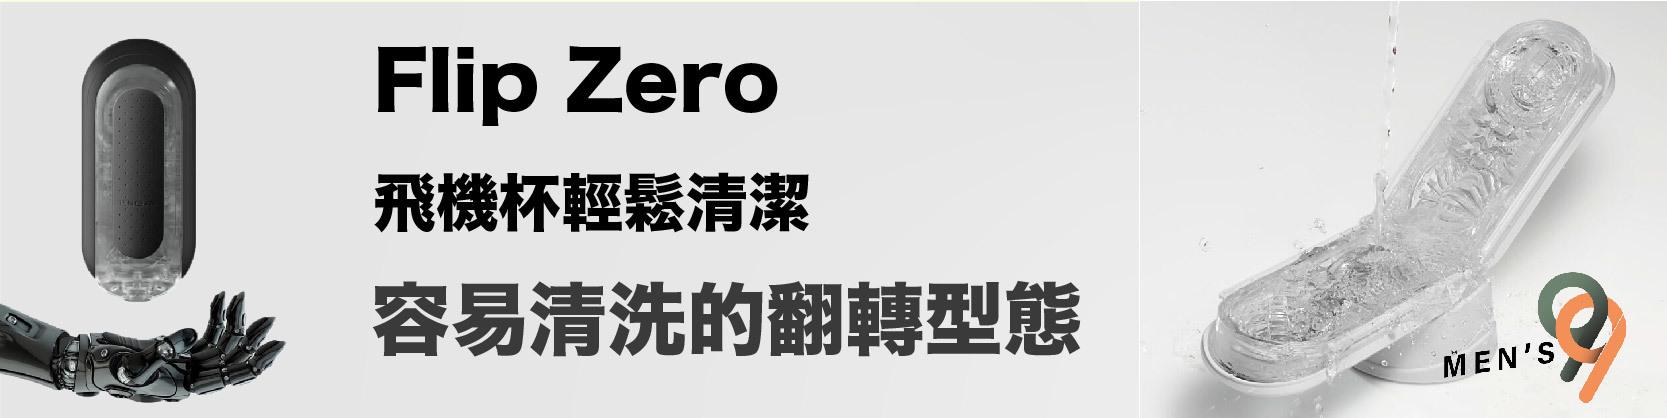 flip-zero